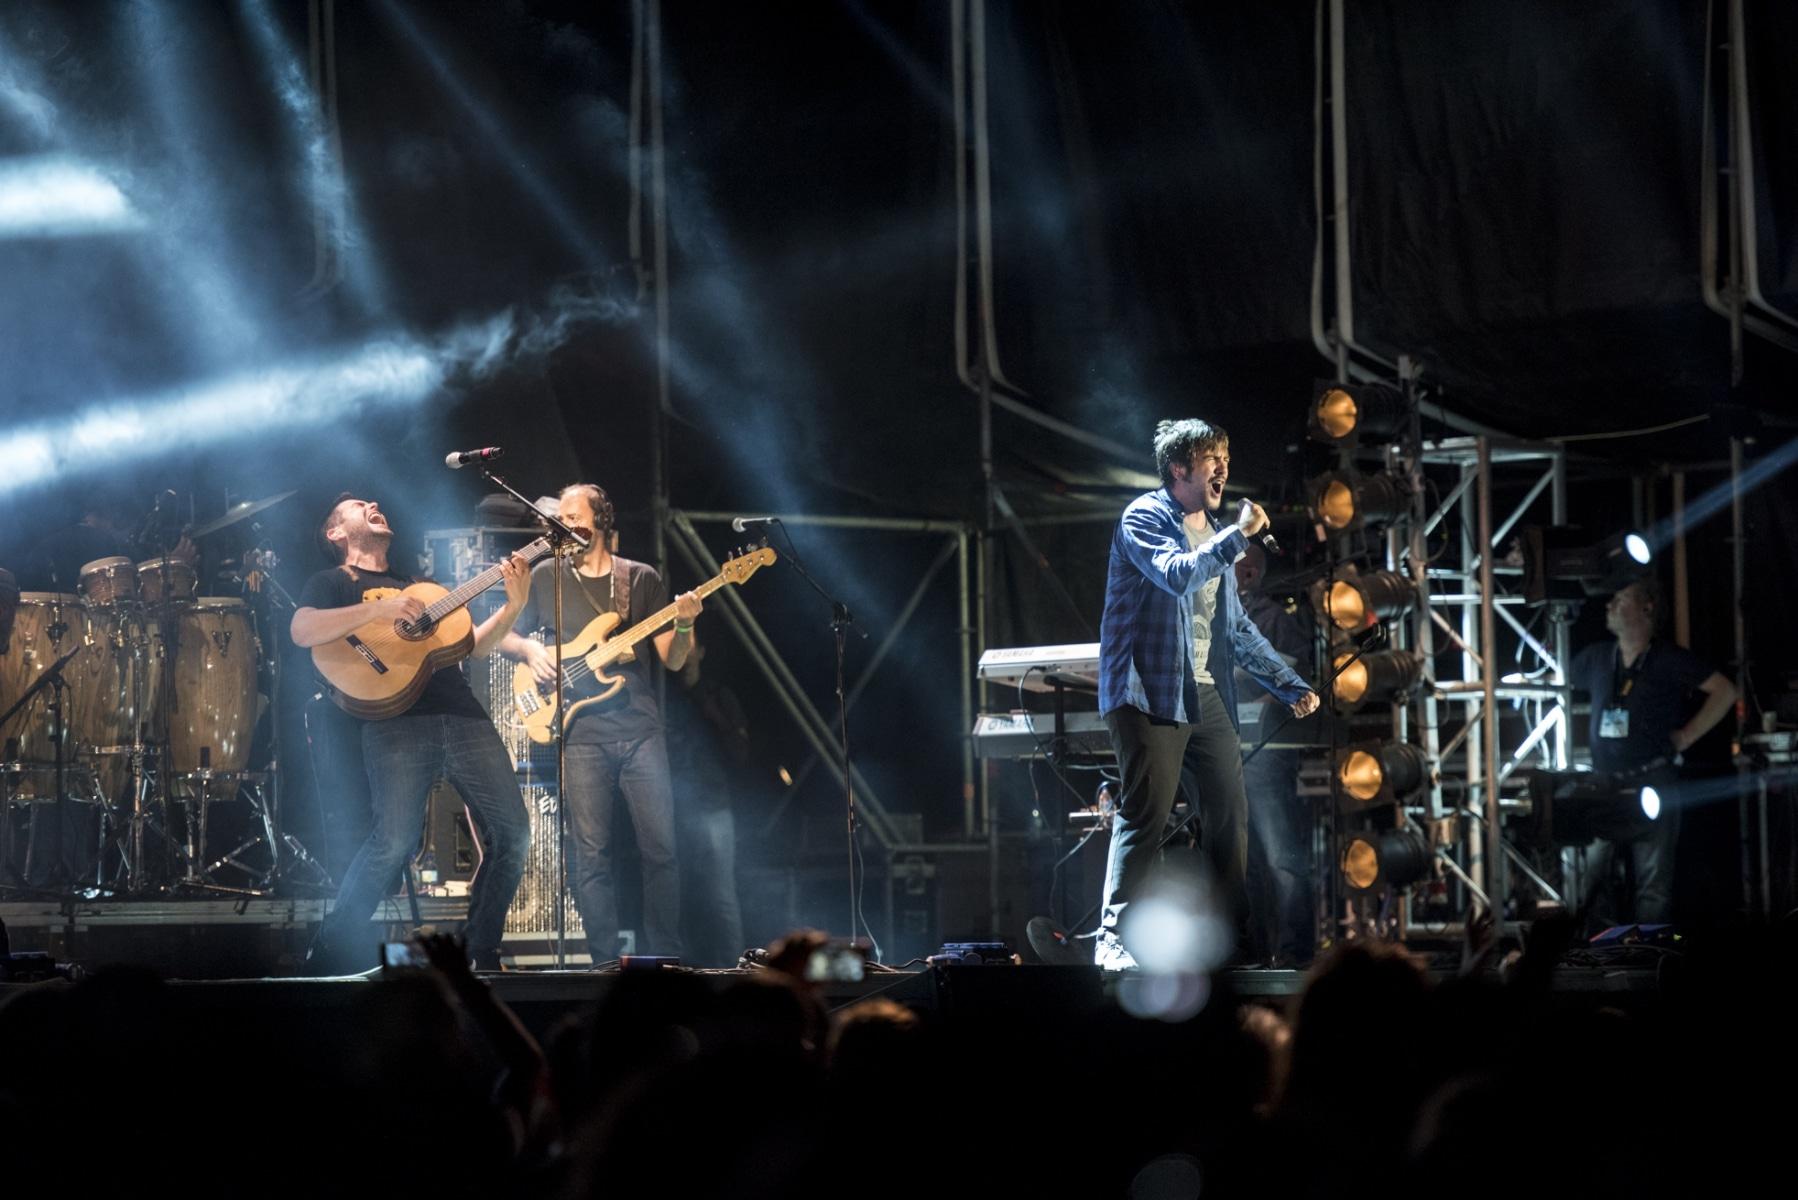 5-septiembre-2015-gibraltar-music-festival-2015-66_21000539539_o